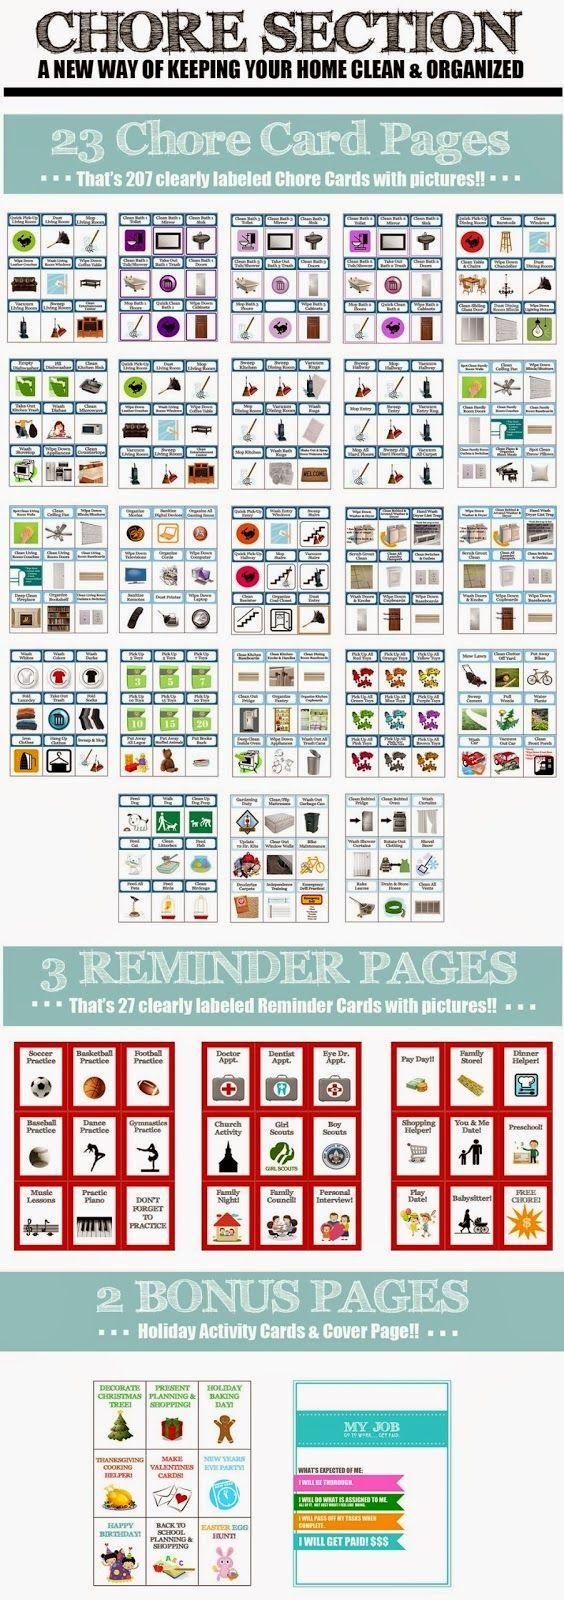 Family Planner http://1.bp.blogspot.com/-Vn3e7WrppEU/VCsZsPESIPI/AAAAAAAAEA0/YIgQoBjwv88/s1600/000002.jpg